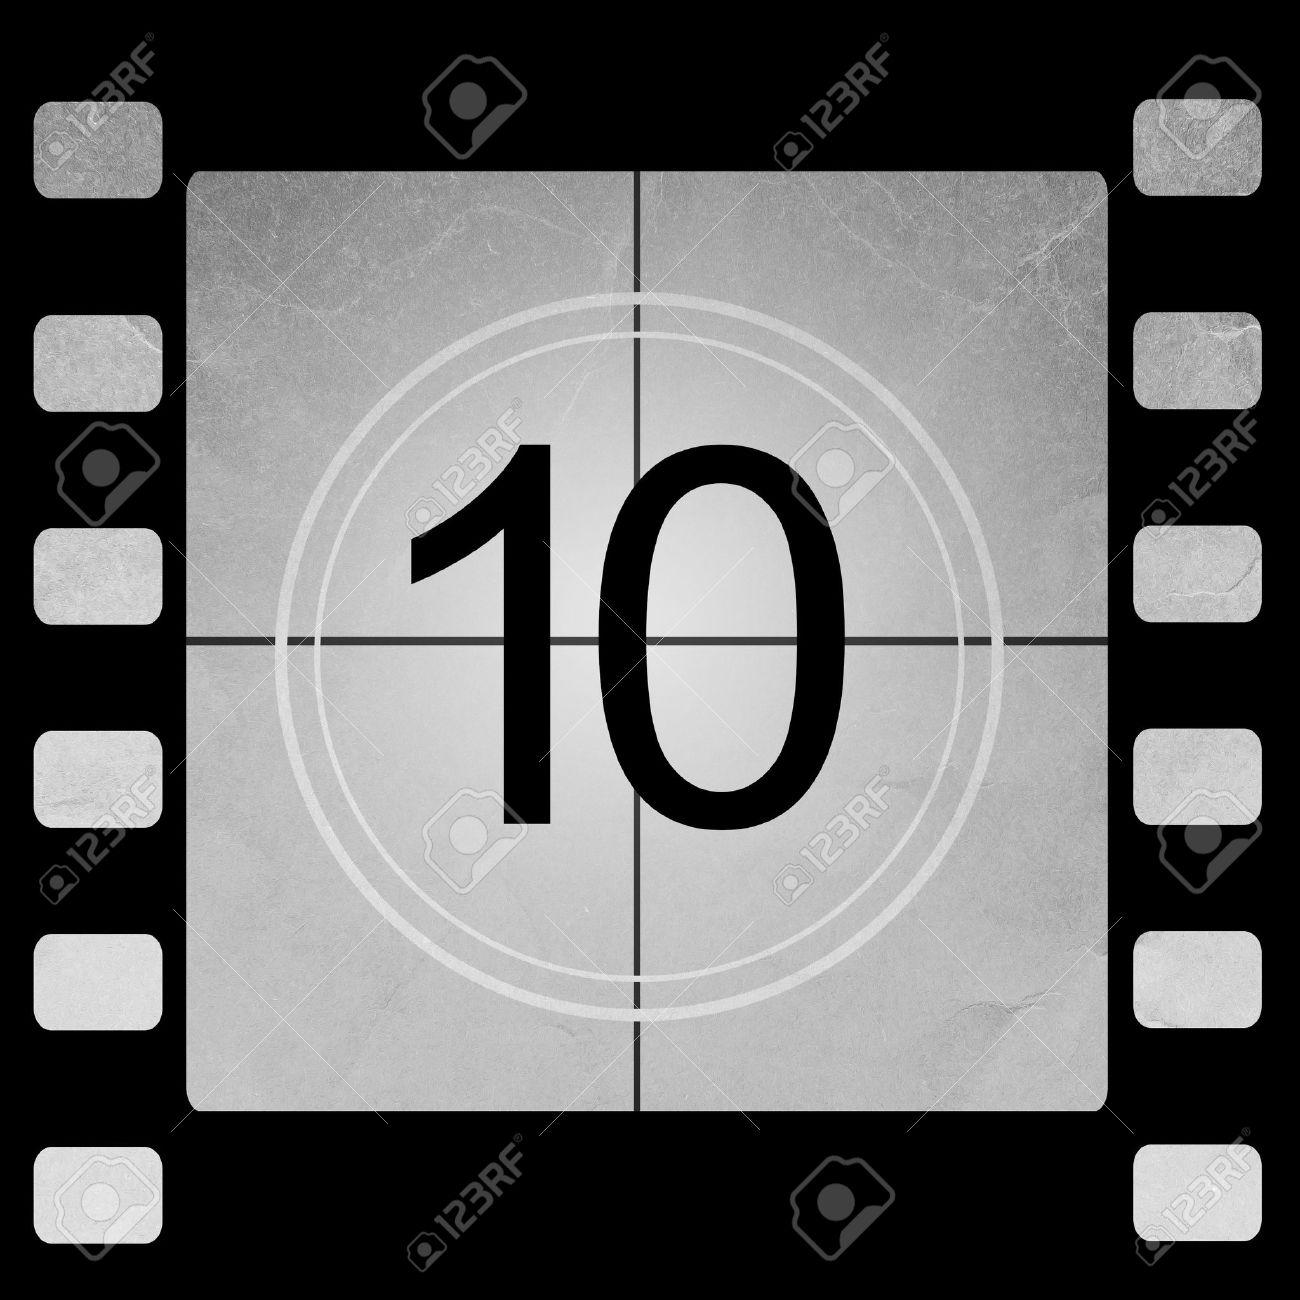 movie countdown B&W film 10 seconds - YouTube